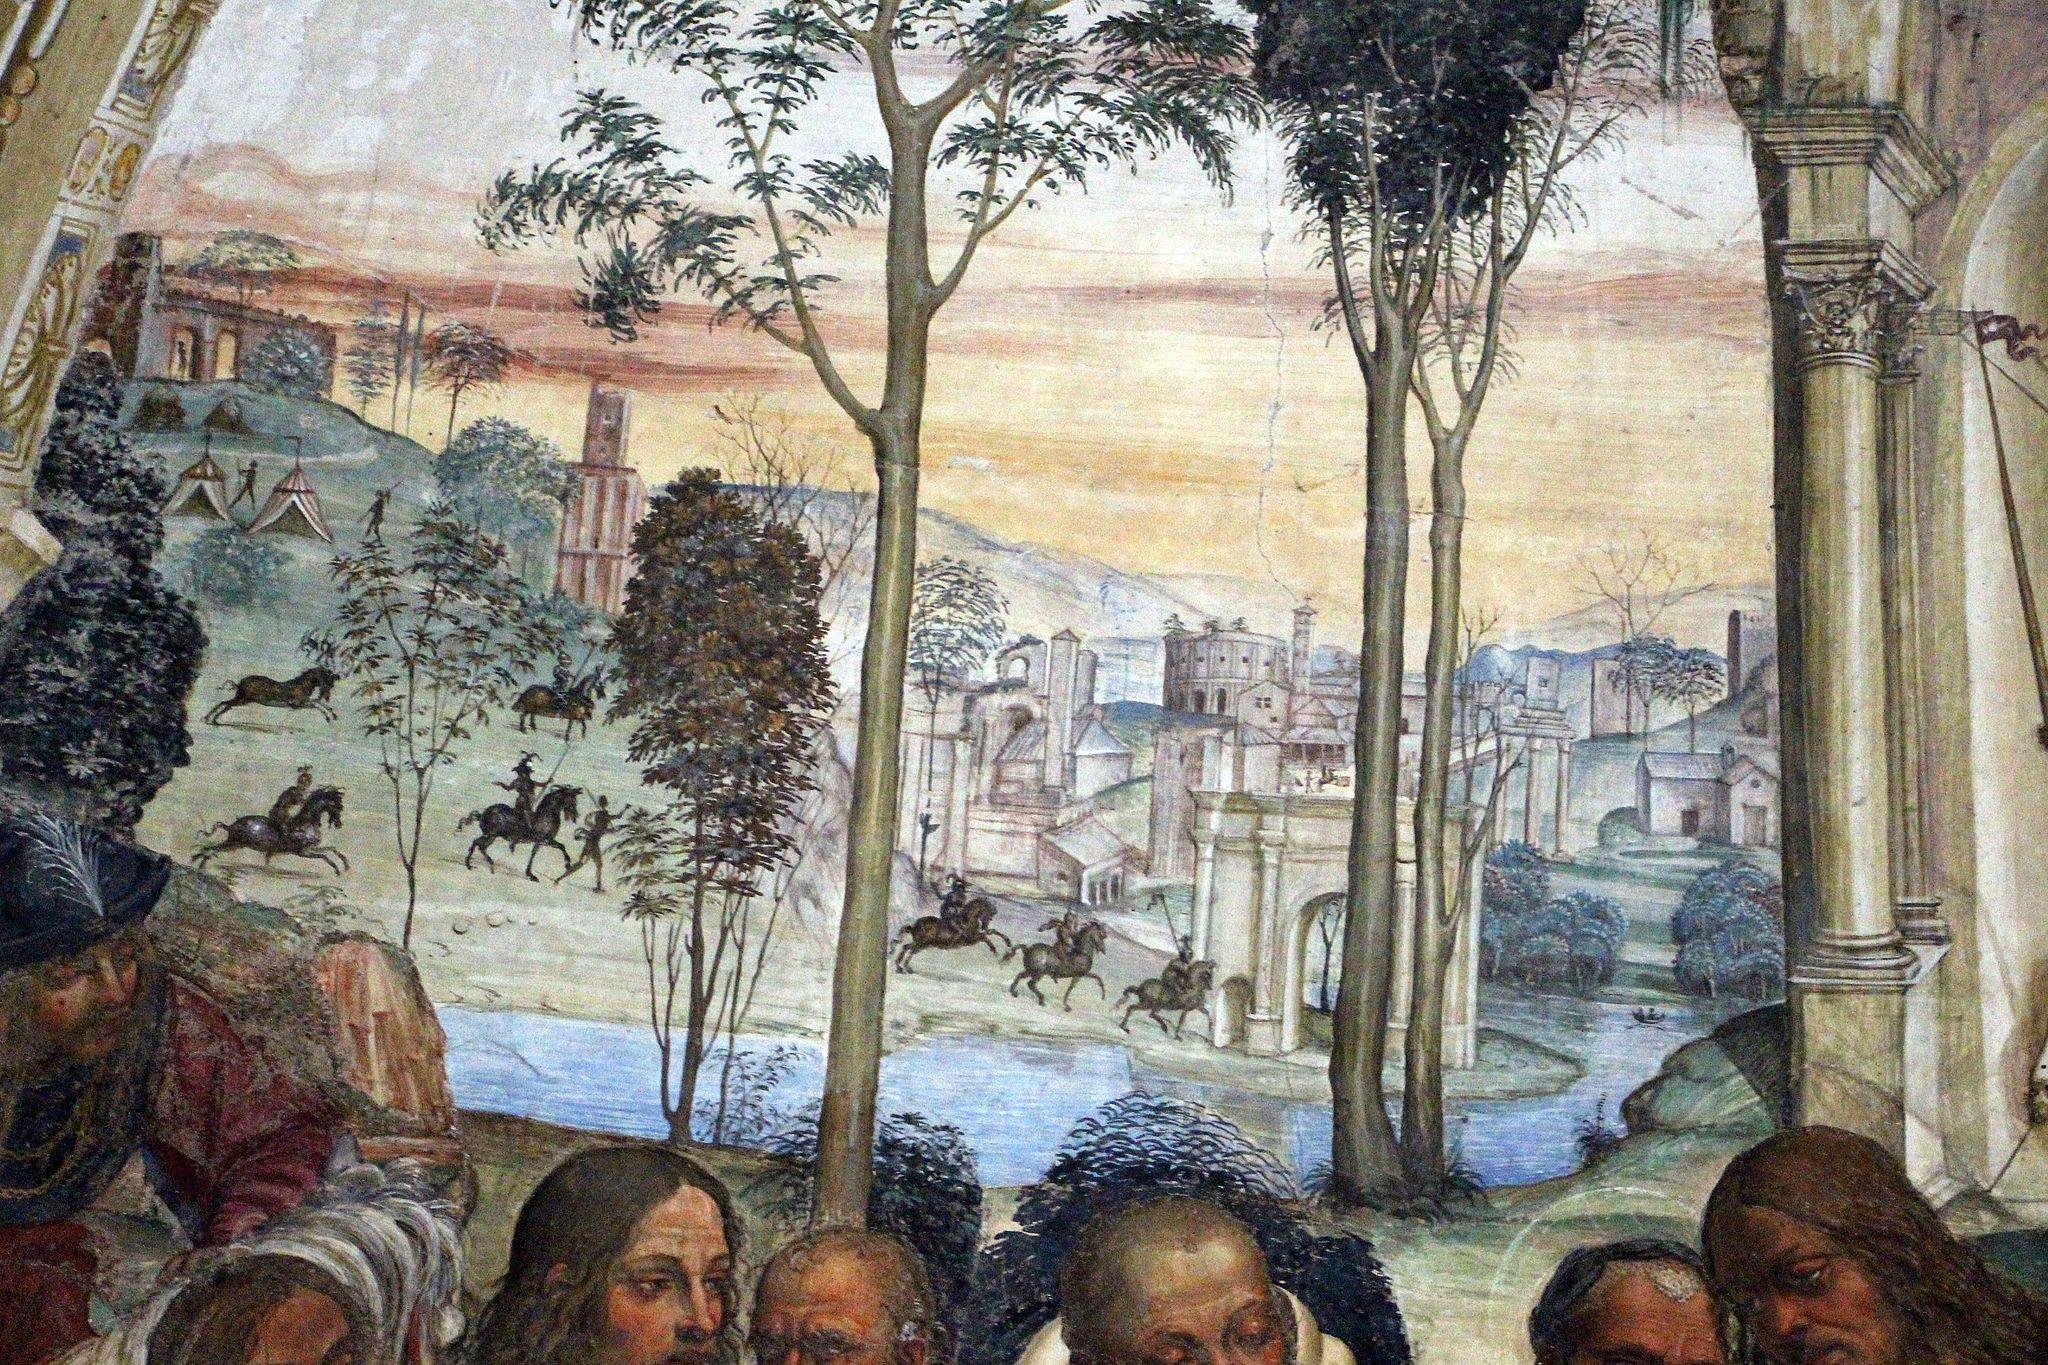 Storie di s. benedetto, 12 sodoma - Come Benedetto riceve li due giovanetti romani Mauro e Placido 02